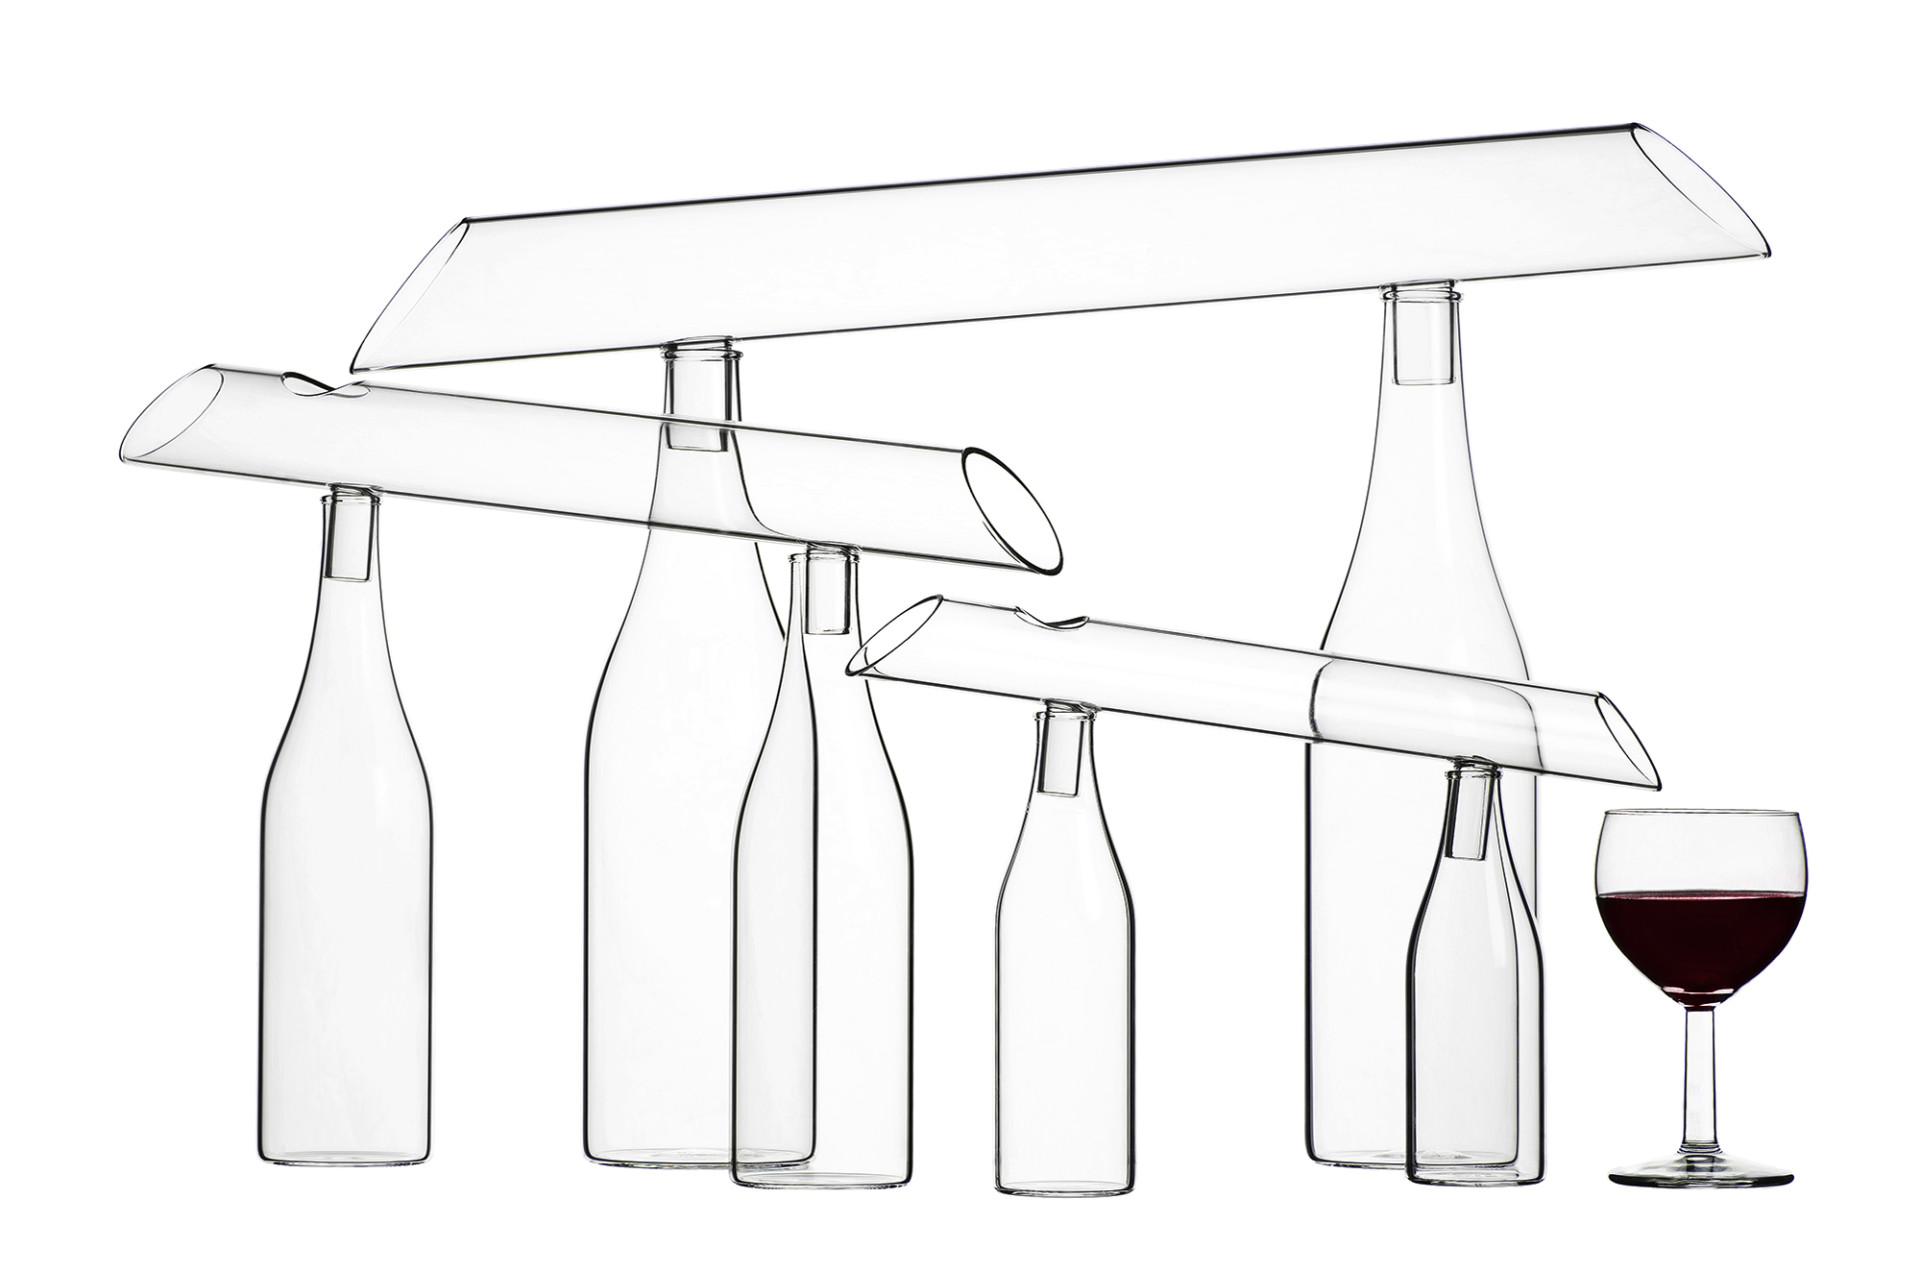 Patrick Gries Matali Crasset  designer